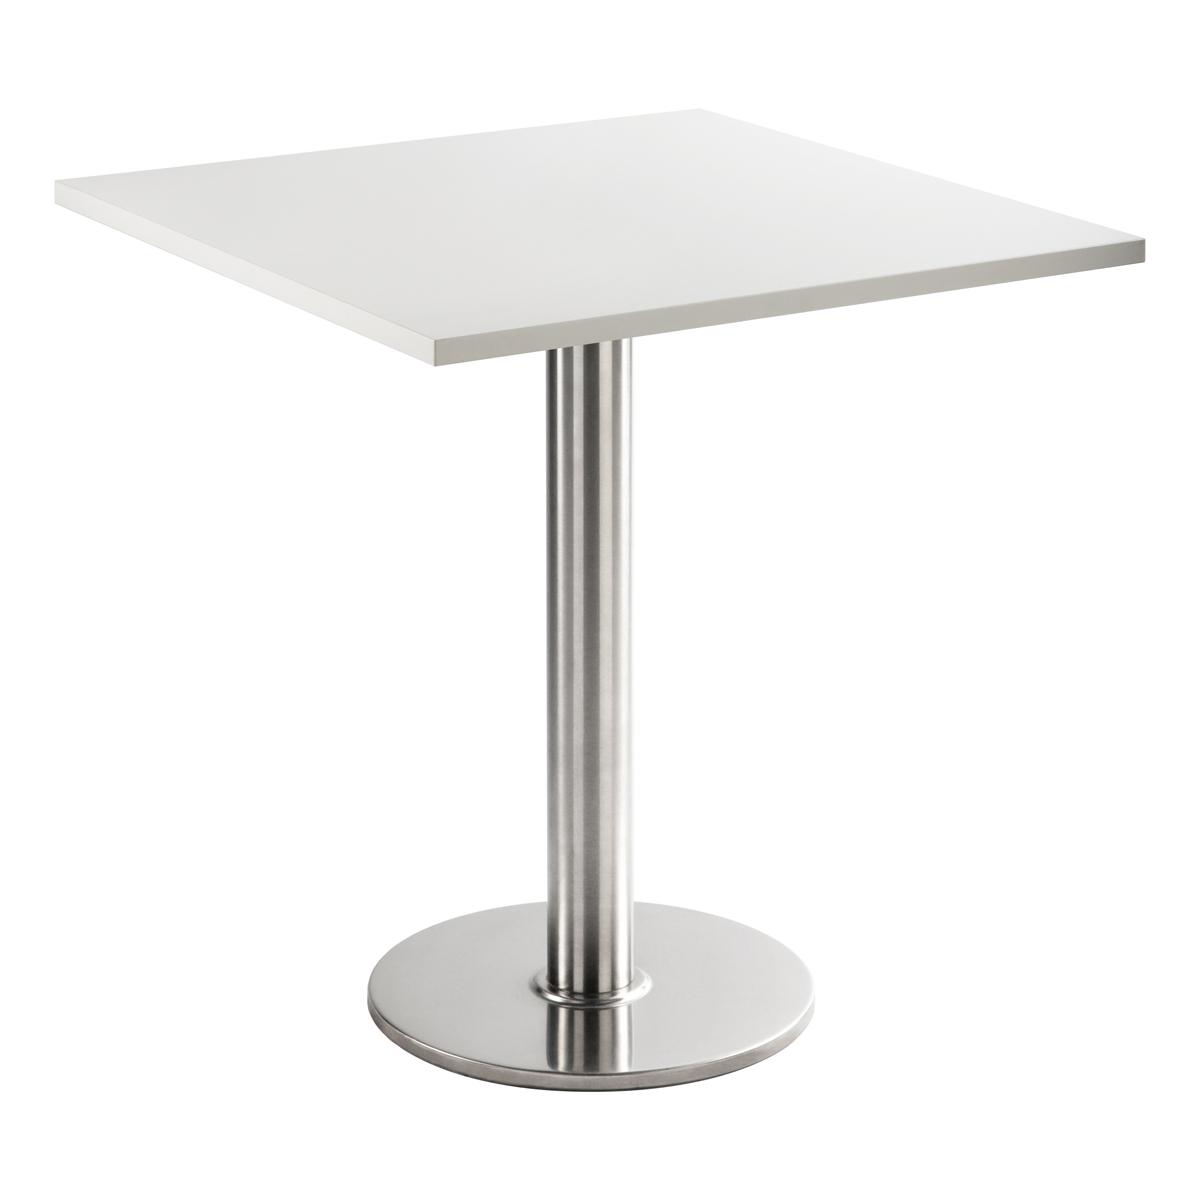 Sitztisch Chromo, eckig, weiß